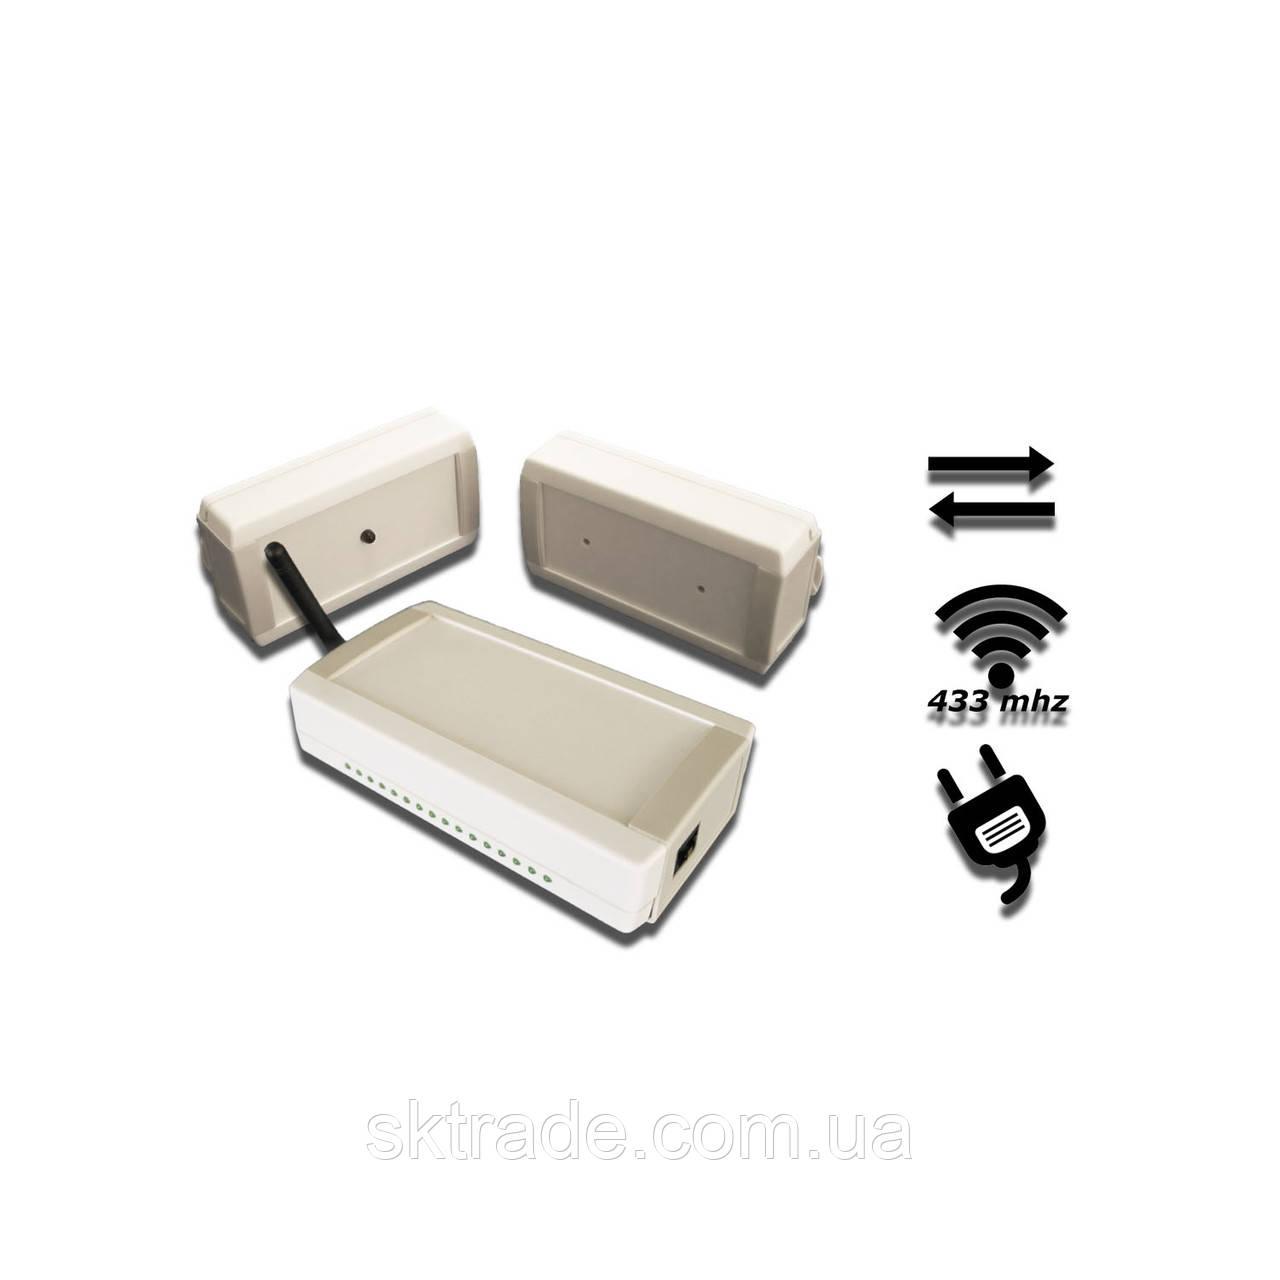 Беспроводные системы подсчета посетителей EN-100-CW